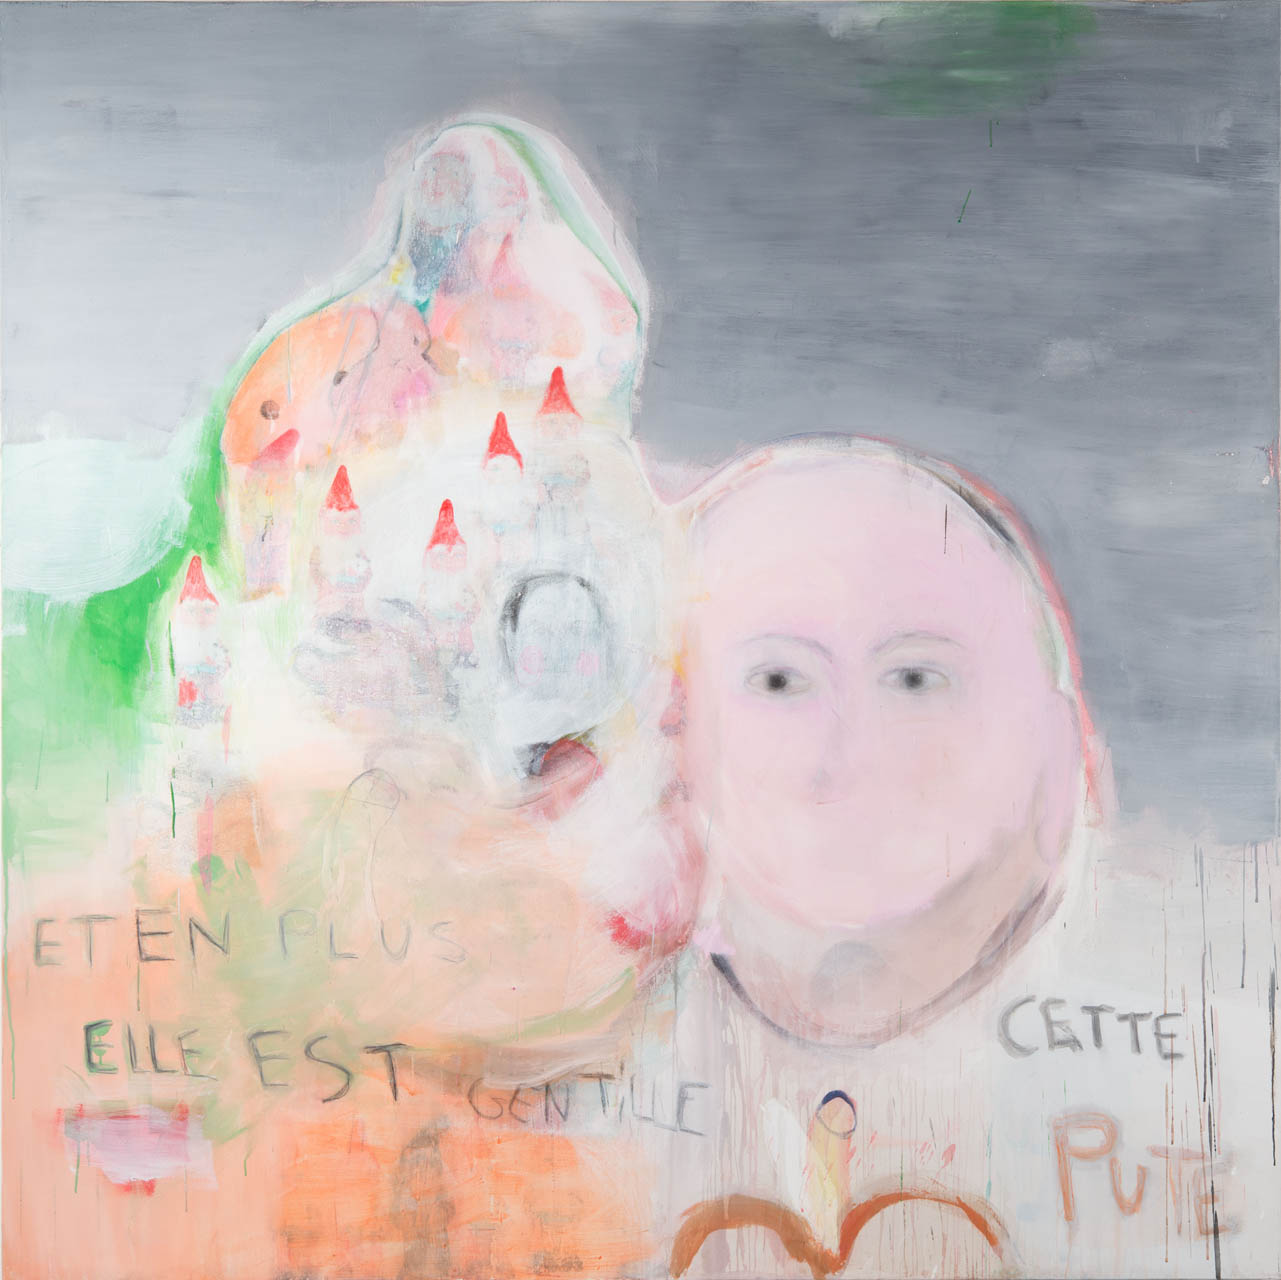 La constipation affective, 200 x 200 cm, 2012